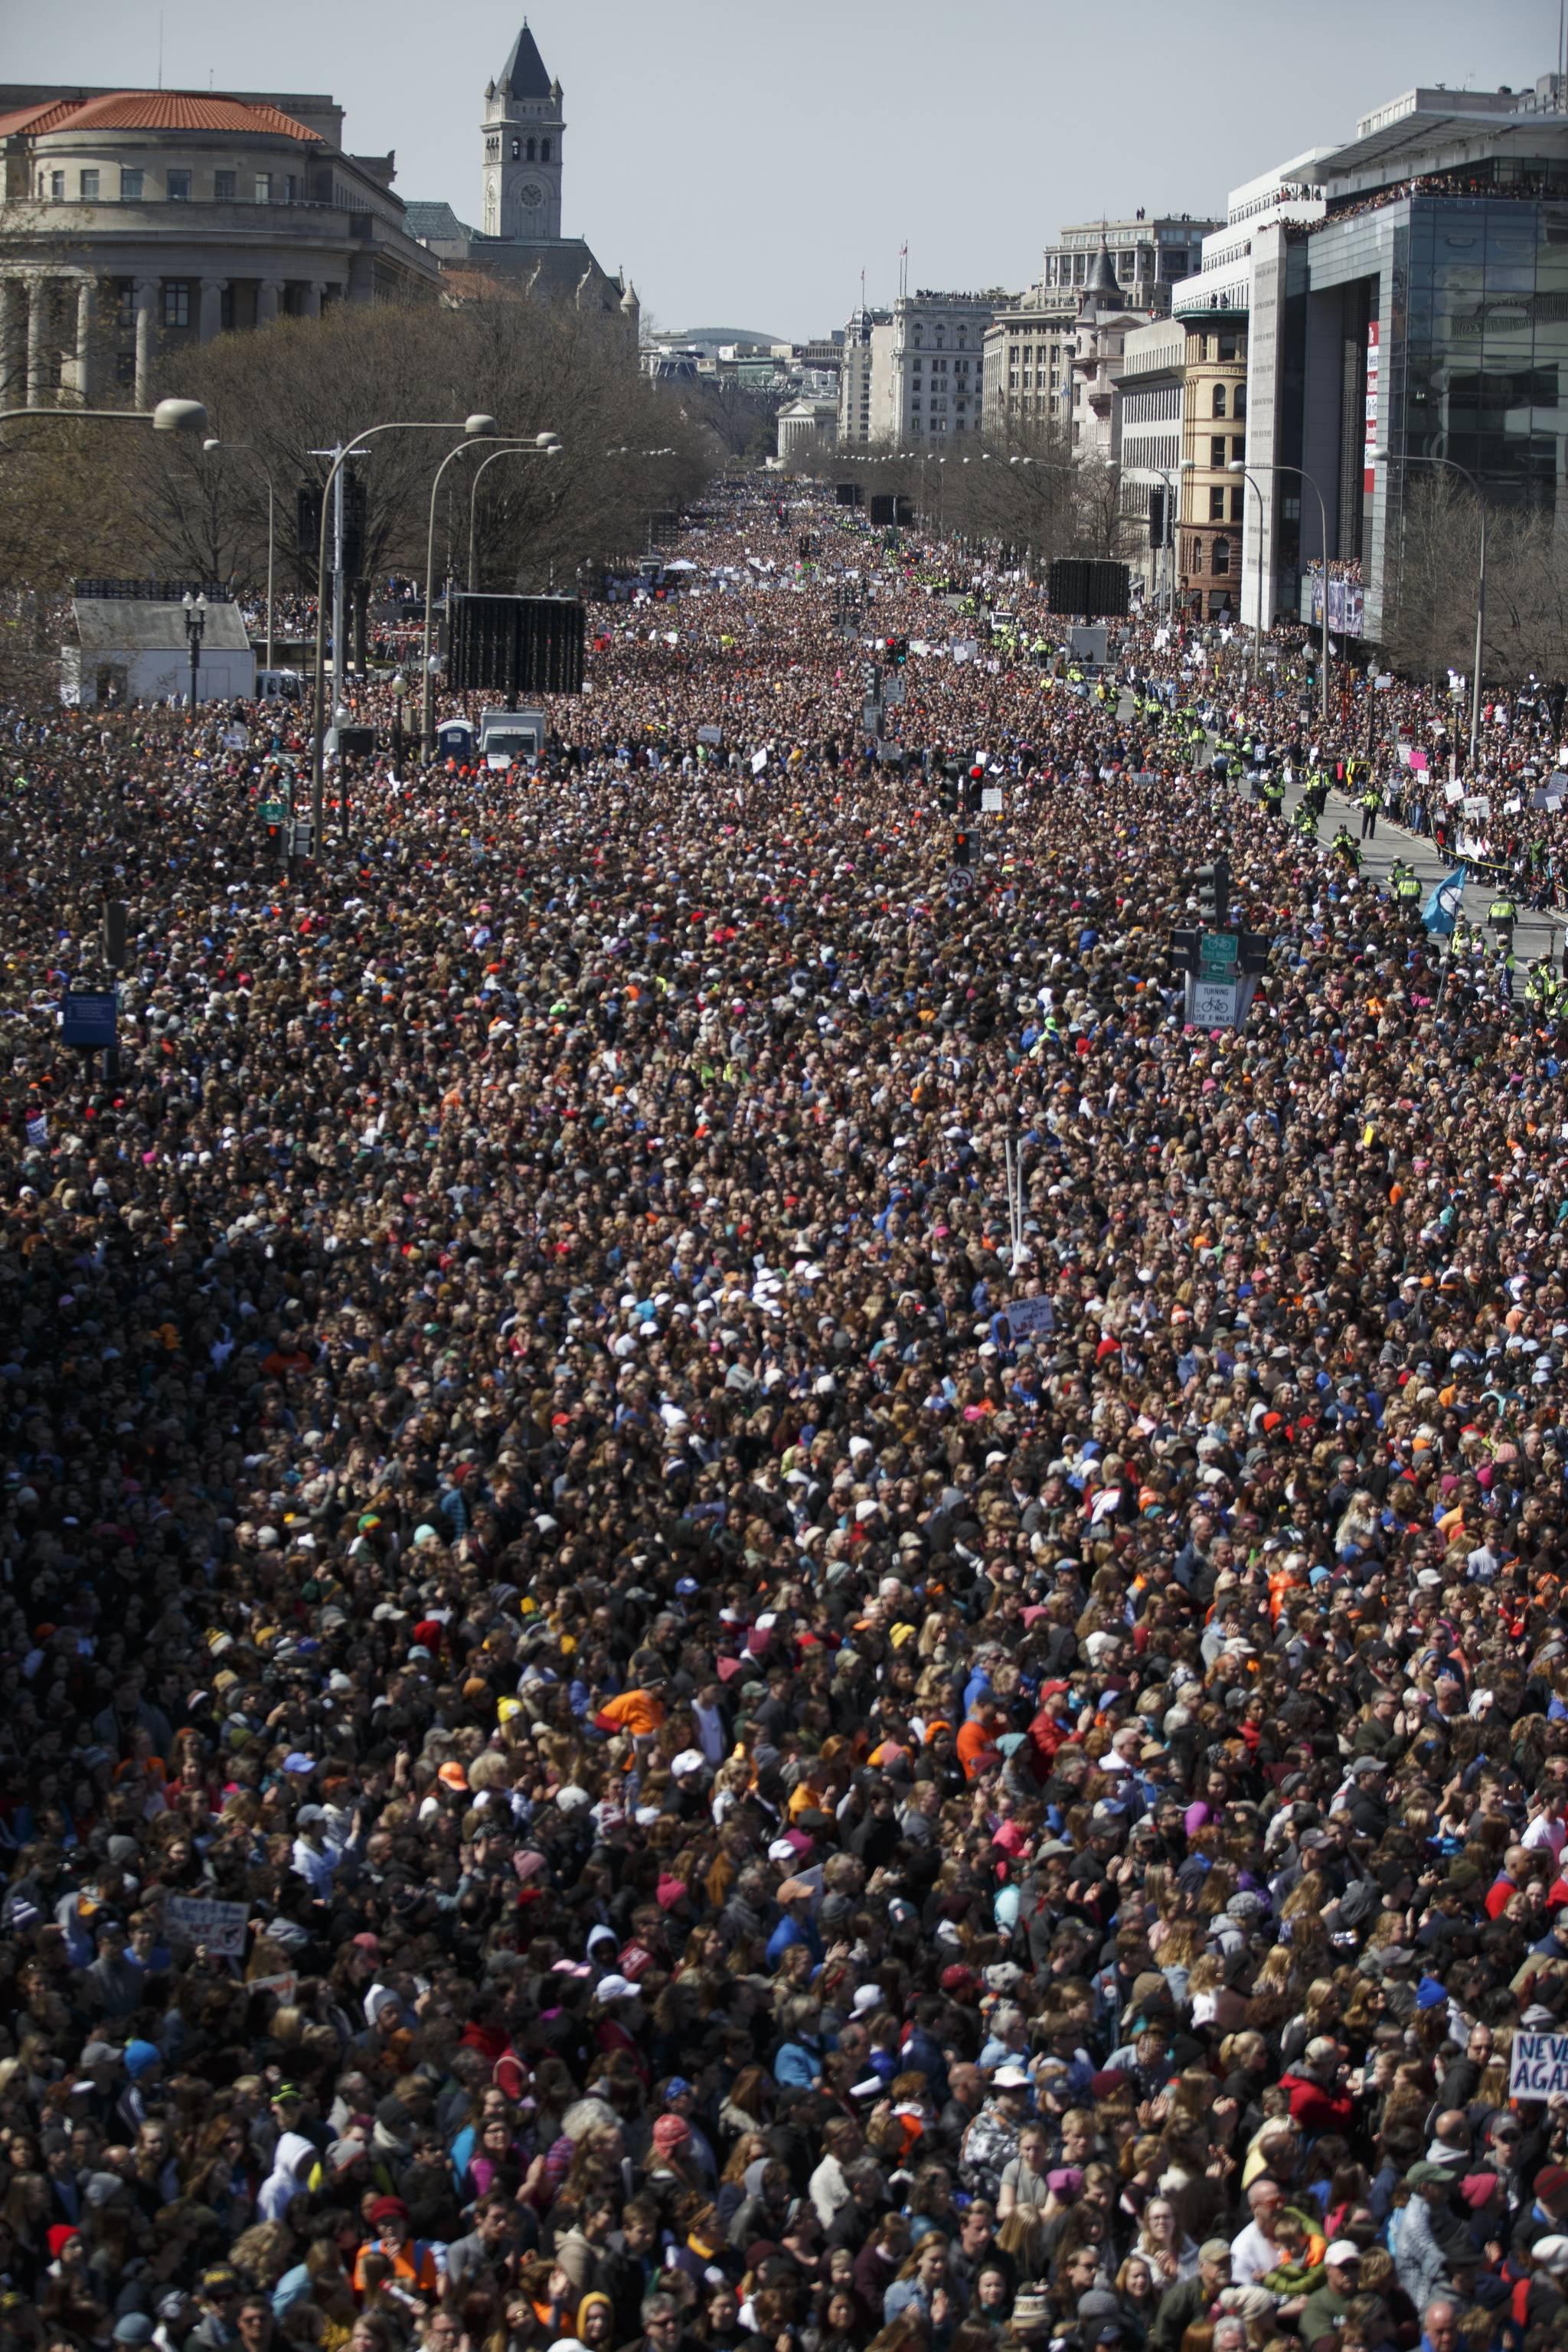 미국 시민들이 지난 3월 24일(현지시간) 워싱턴 백악관과 의사당을 잇는 펜실베이니아 애비뉴에서 총기 규제를 요구하며 '우리의 생명을 위한 행진'을 하고 있다. 지난달 17명의 목숨을 앗아간 플로리다주 더글러스 고교 총격사건의 생존 학생들이 주도한 이날 행사에 주최 측 추산 80만명이 참가했다. [EPA=연합뉴스]